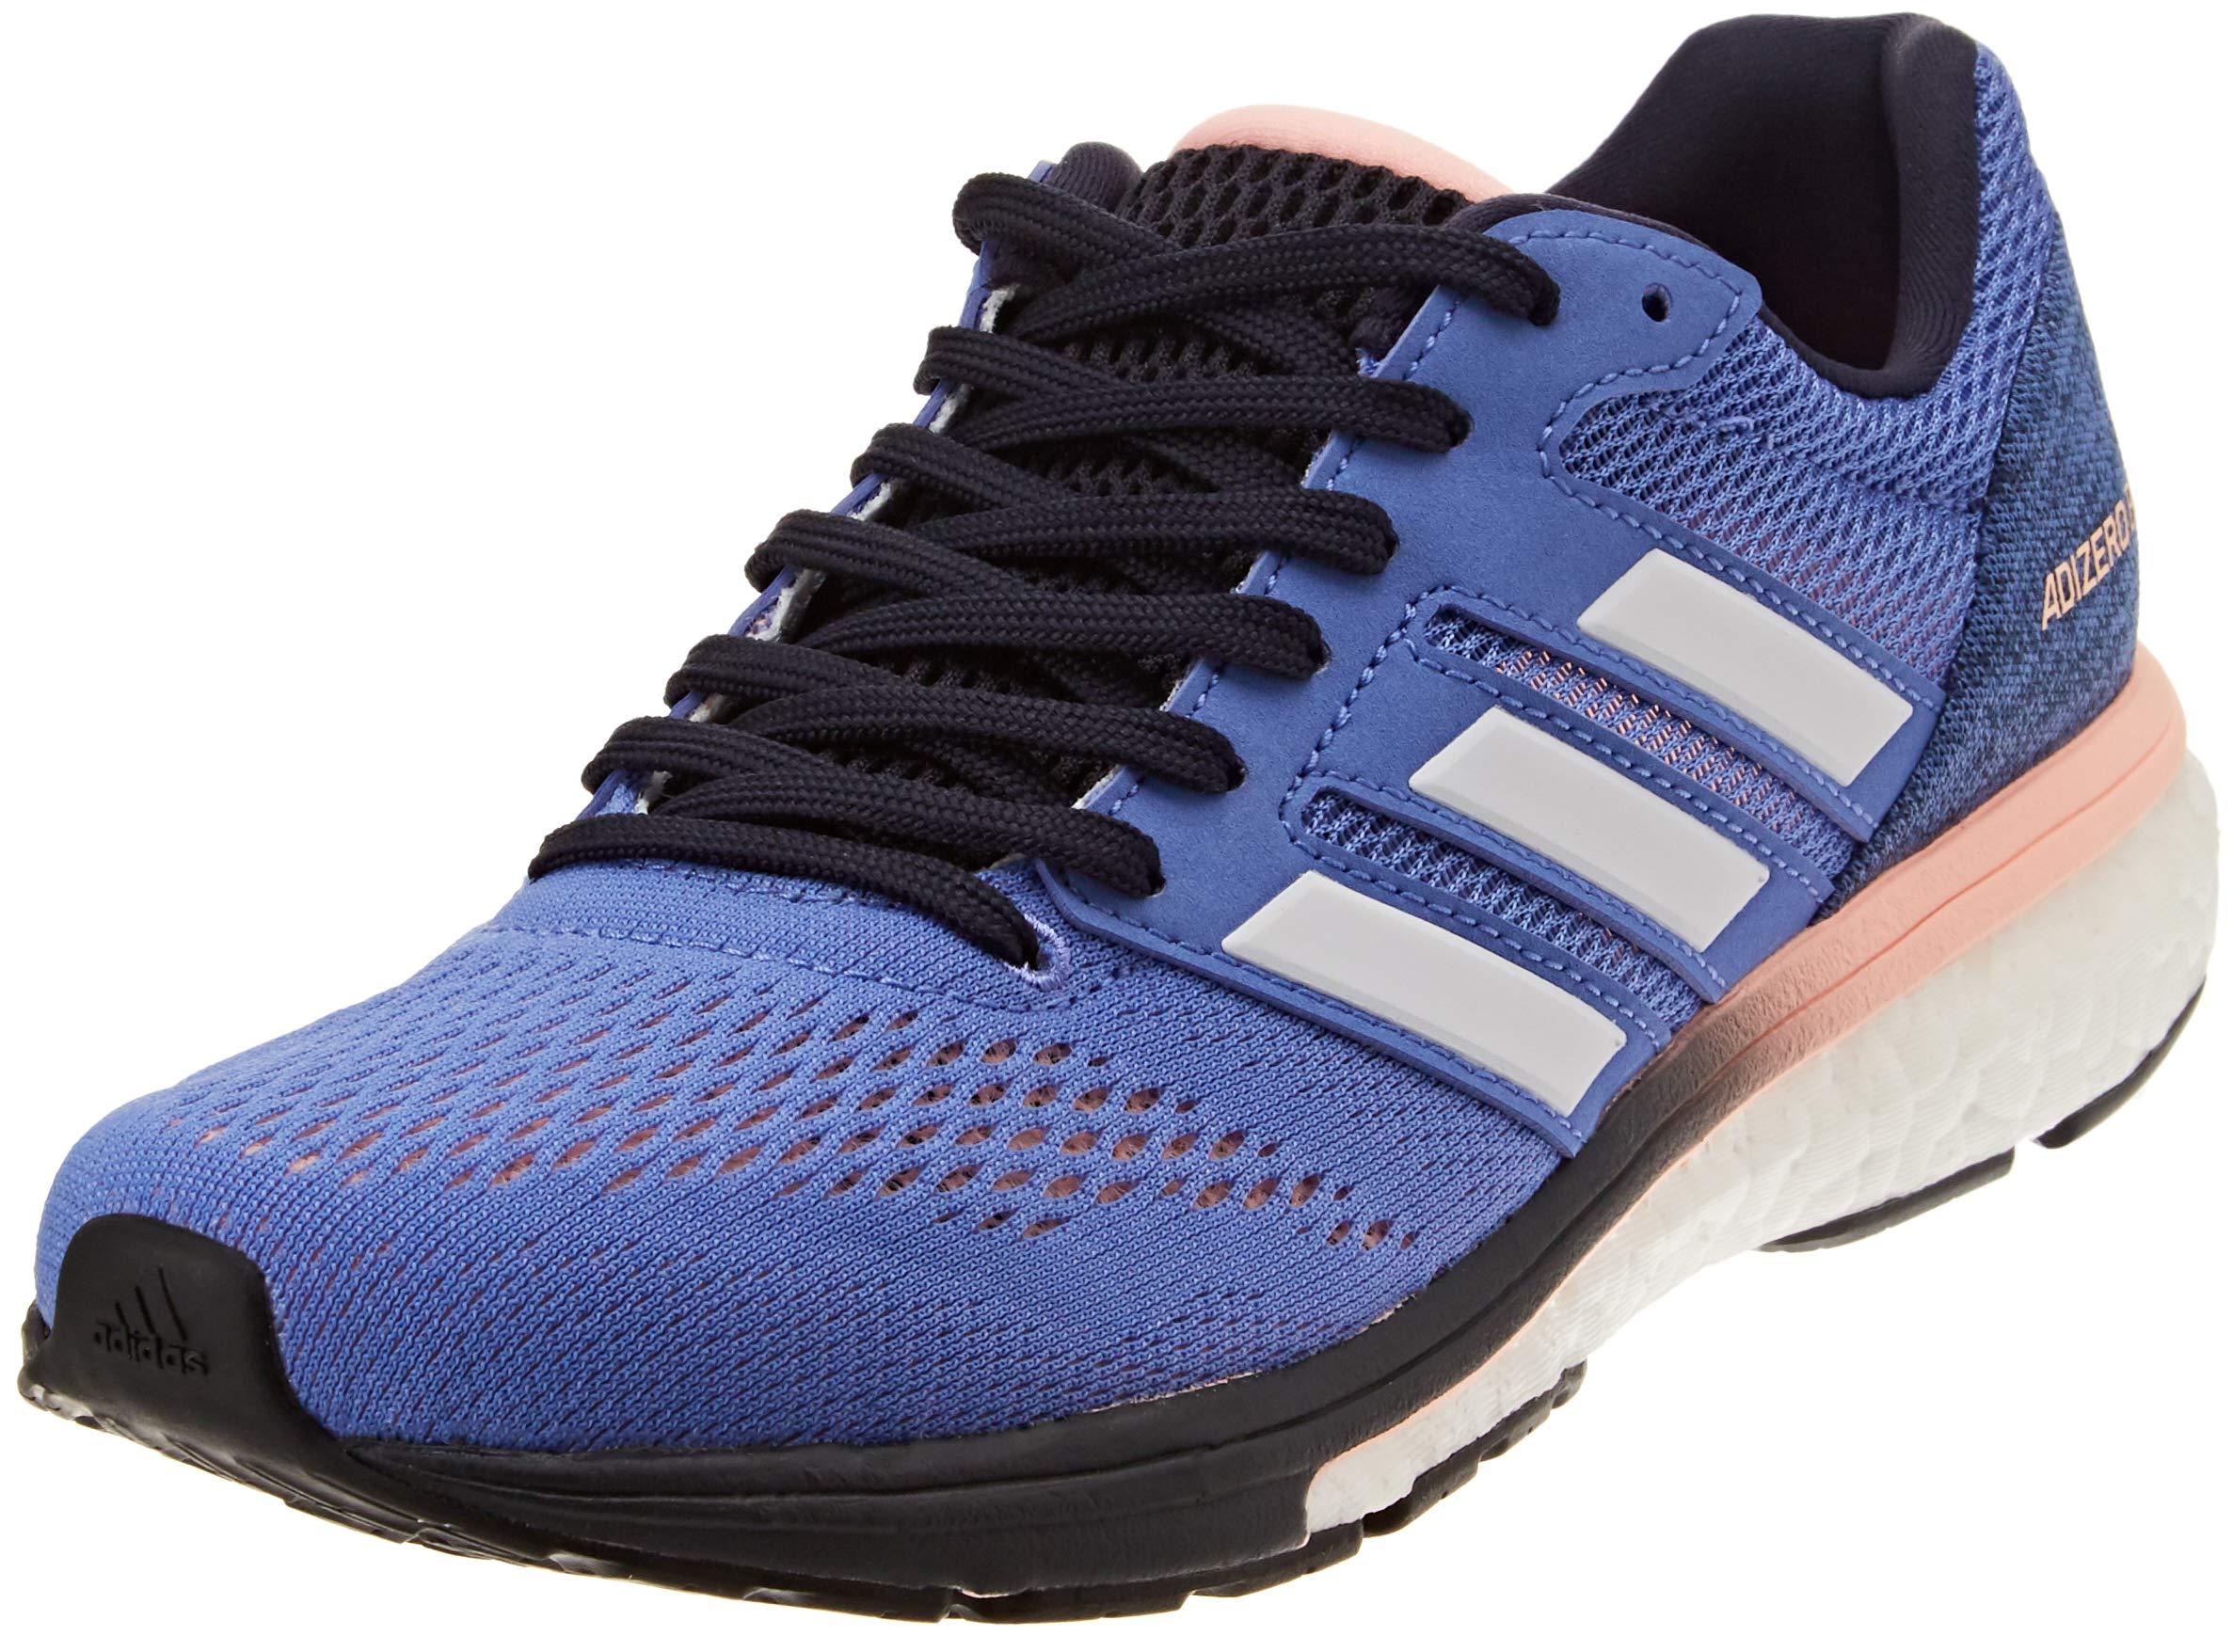 81TMqntXpJL - adidas Women's Adizero Boston 7 W Running Shoes